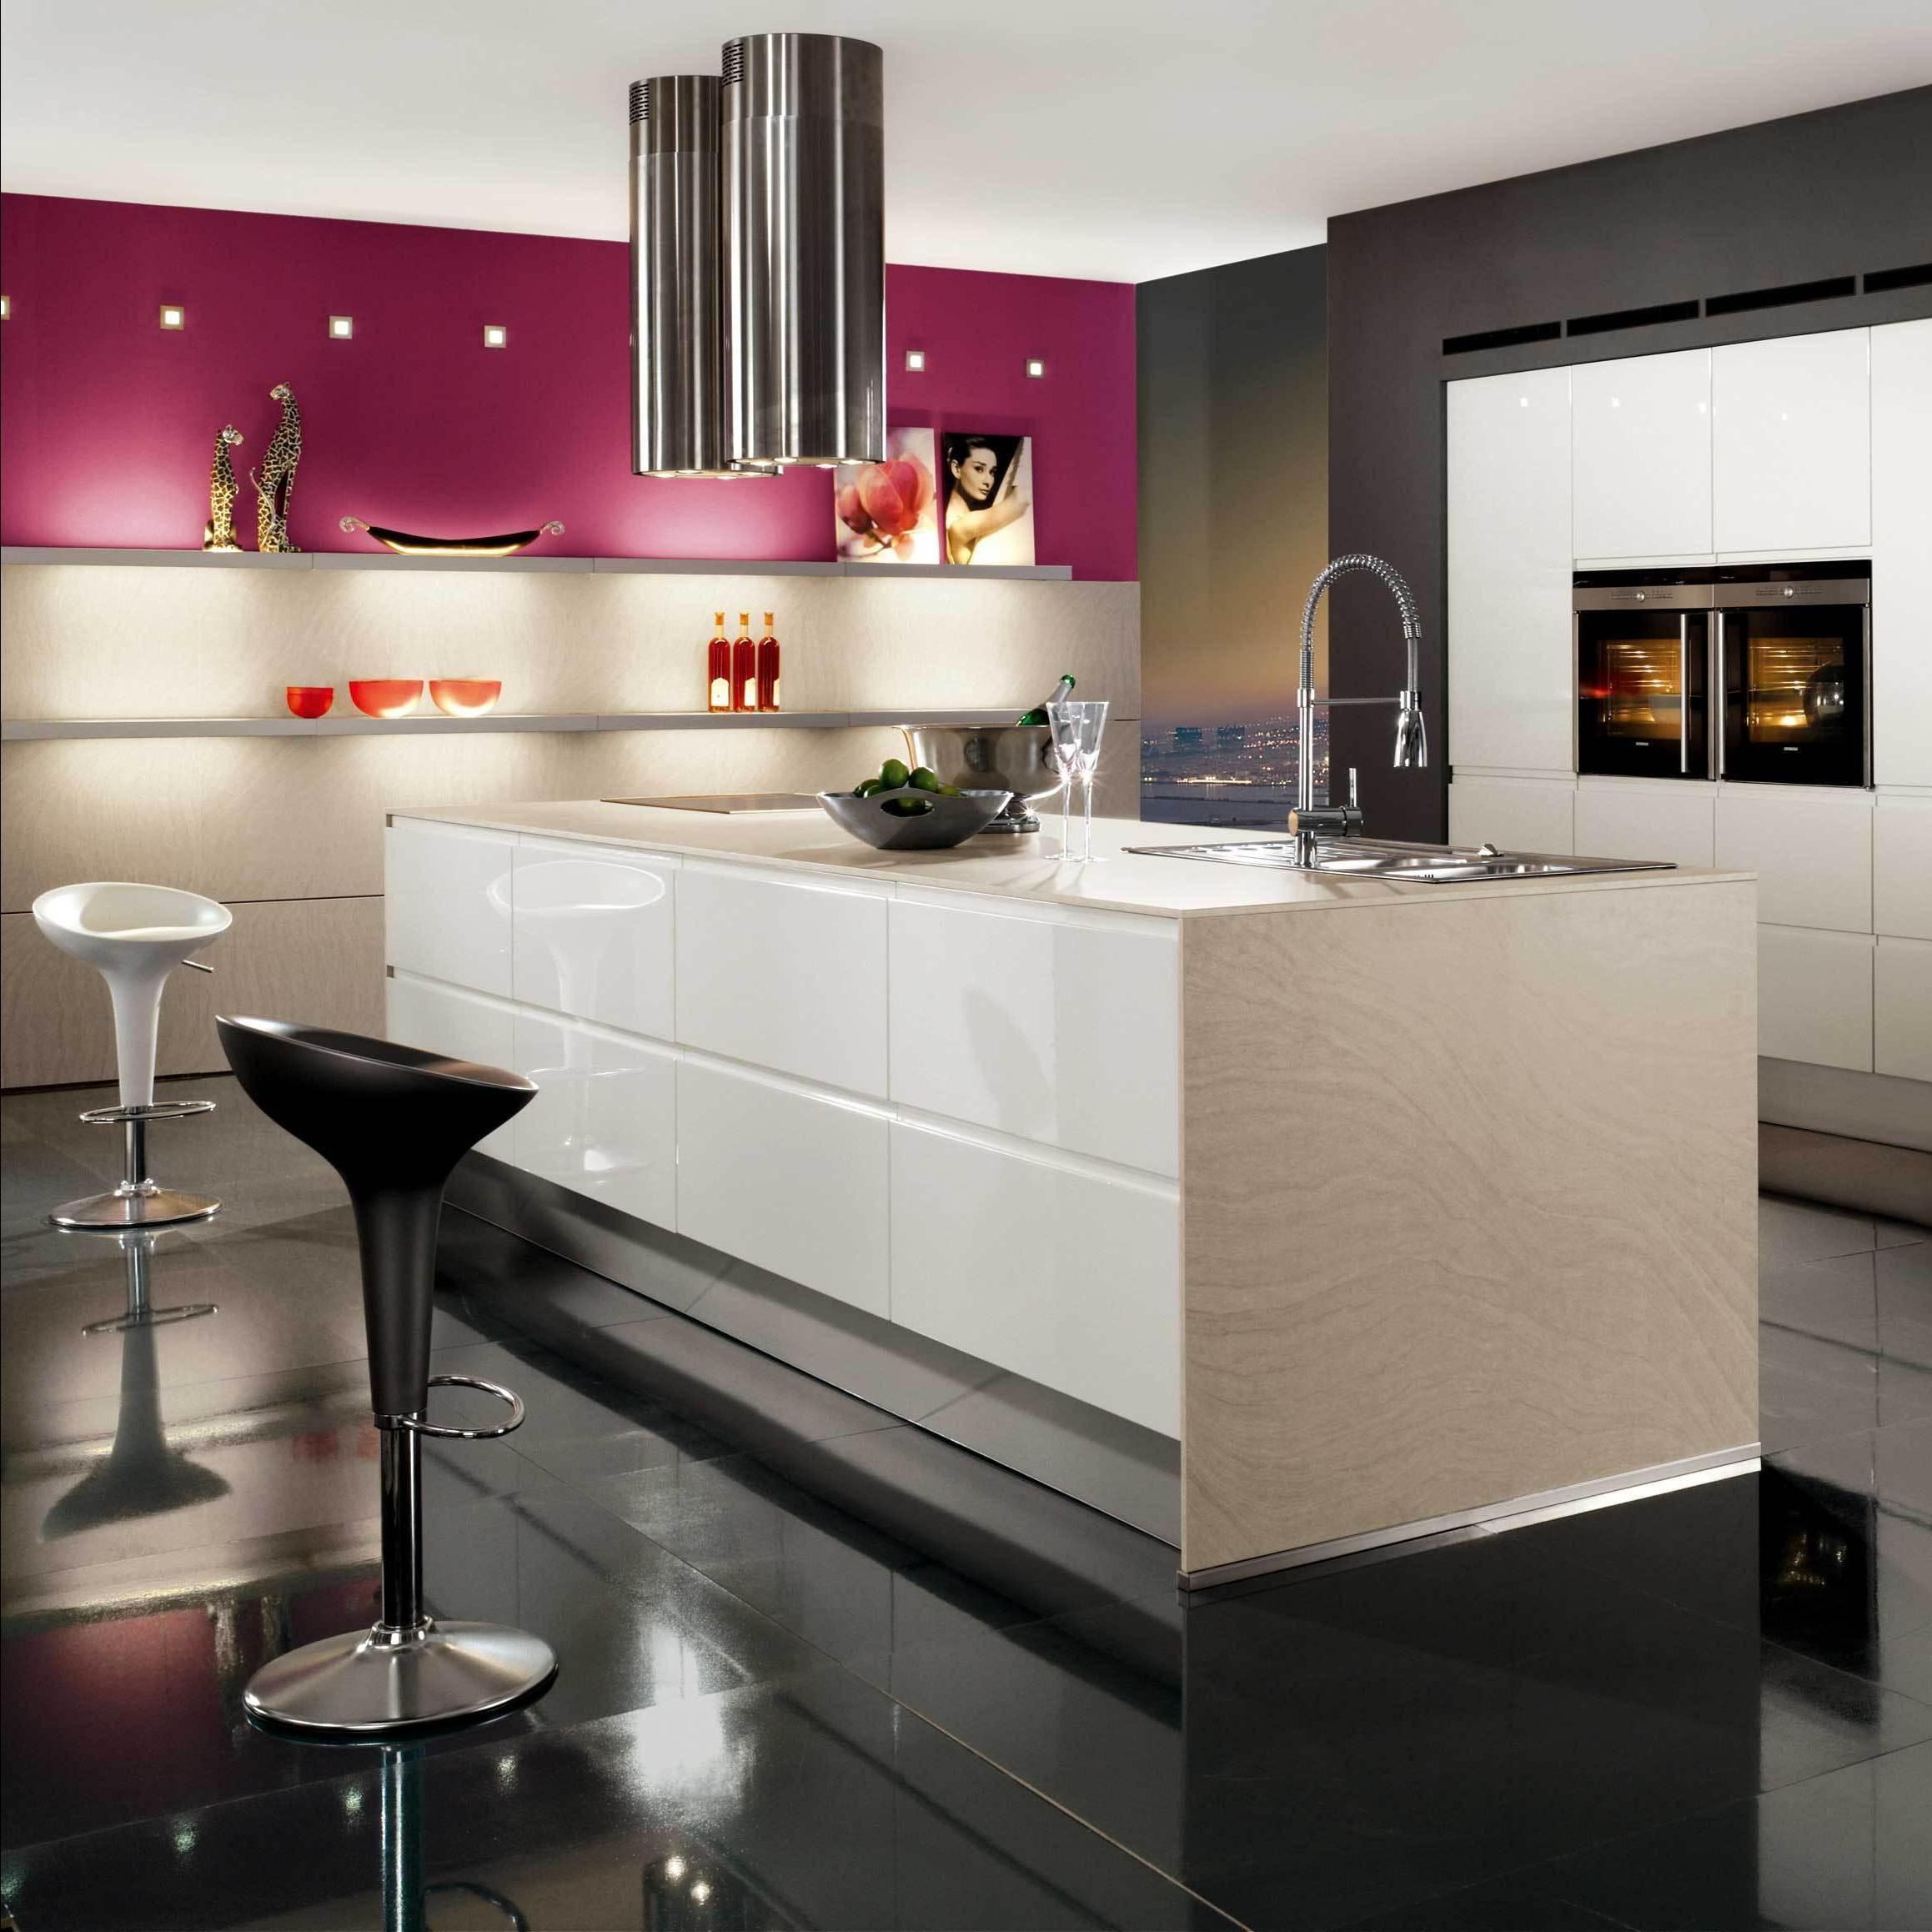 Кухня в стиле минимализм. Планировка и материалы